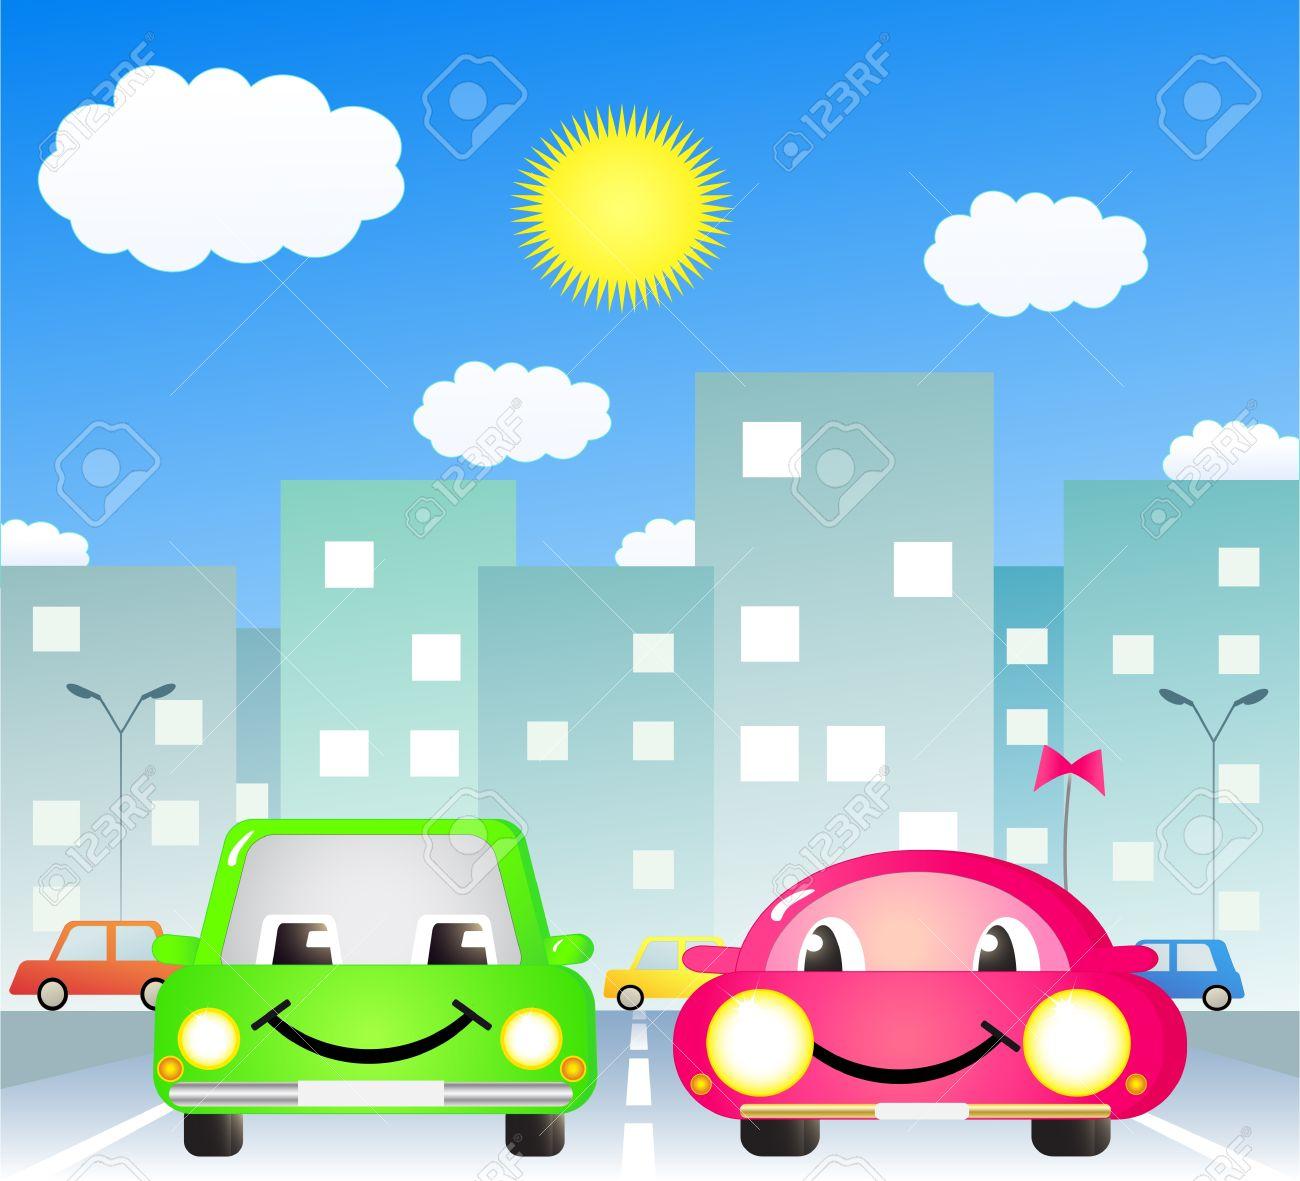 市の道路で 2 つのかわいい漫画車 ロイヤリティフリークリップアート